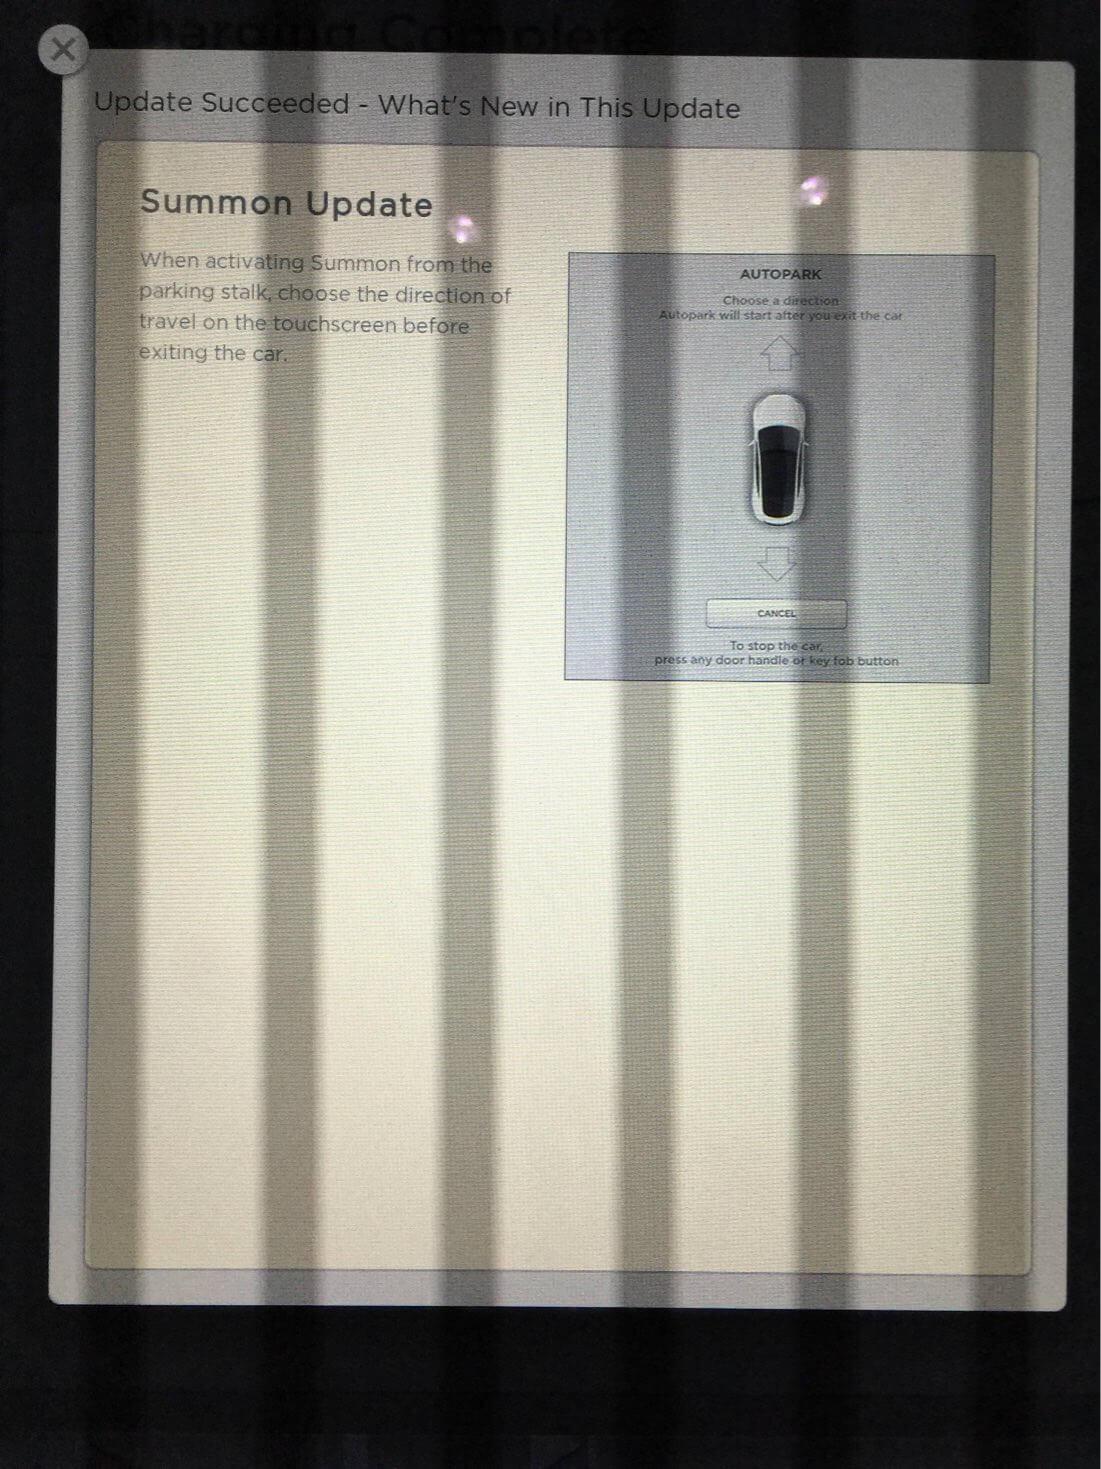 summon-update-fahrtrichtung